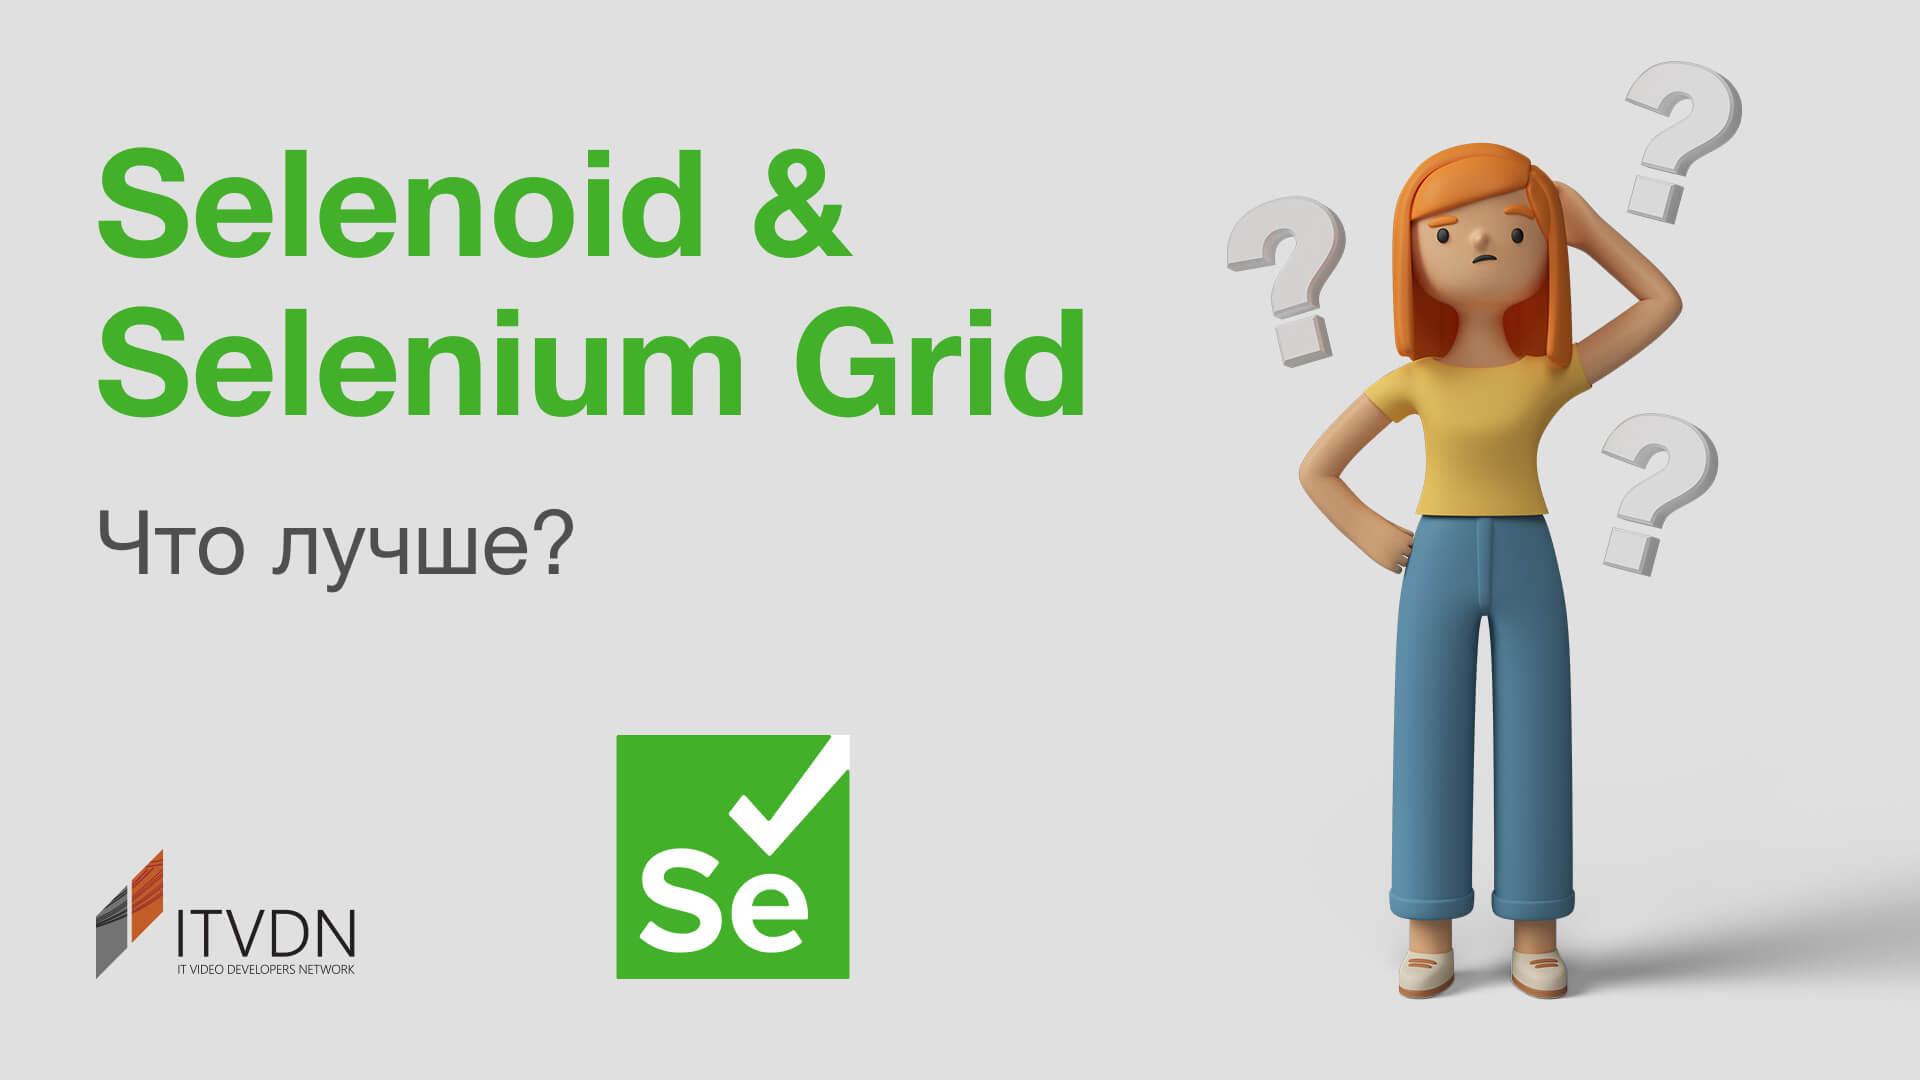 Selenoid или Selenium Grid - что лучше?